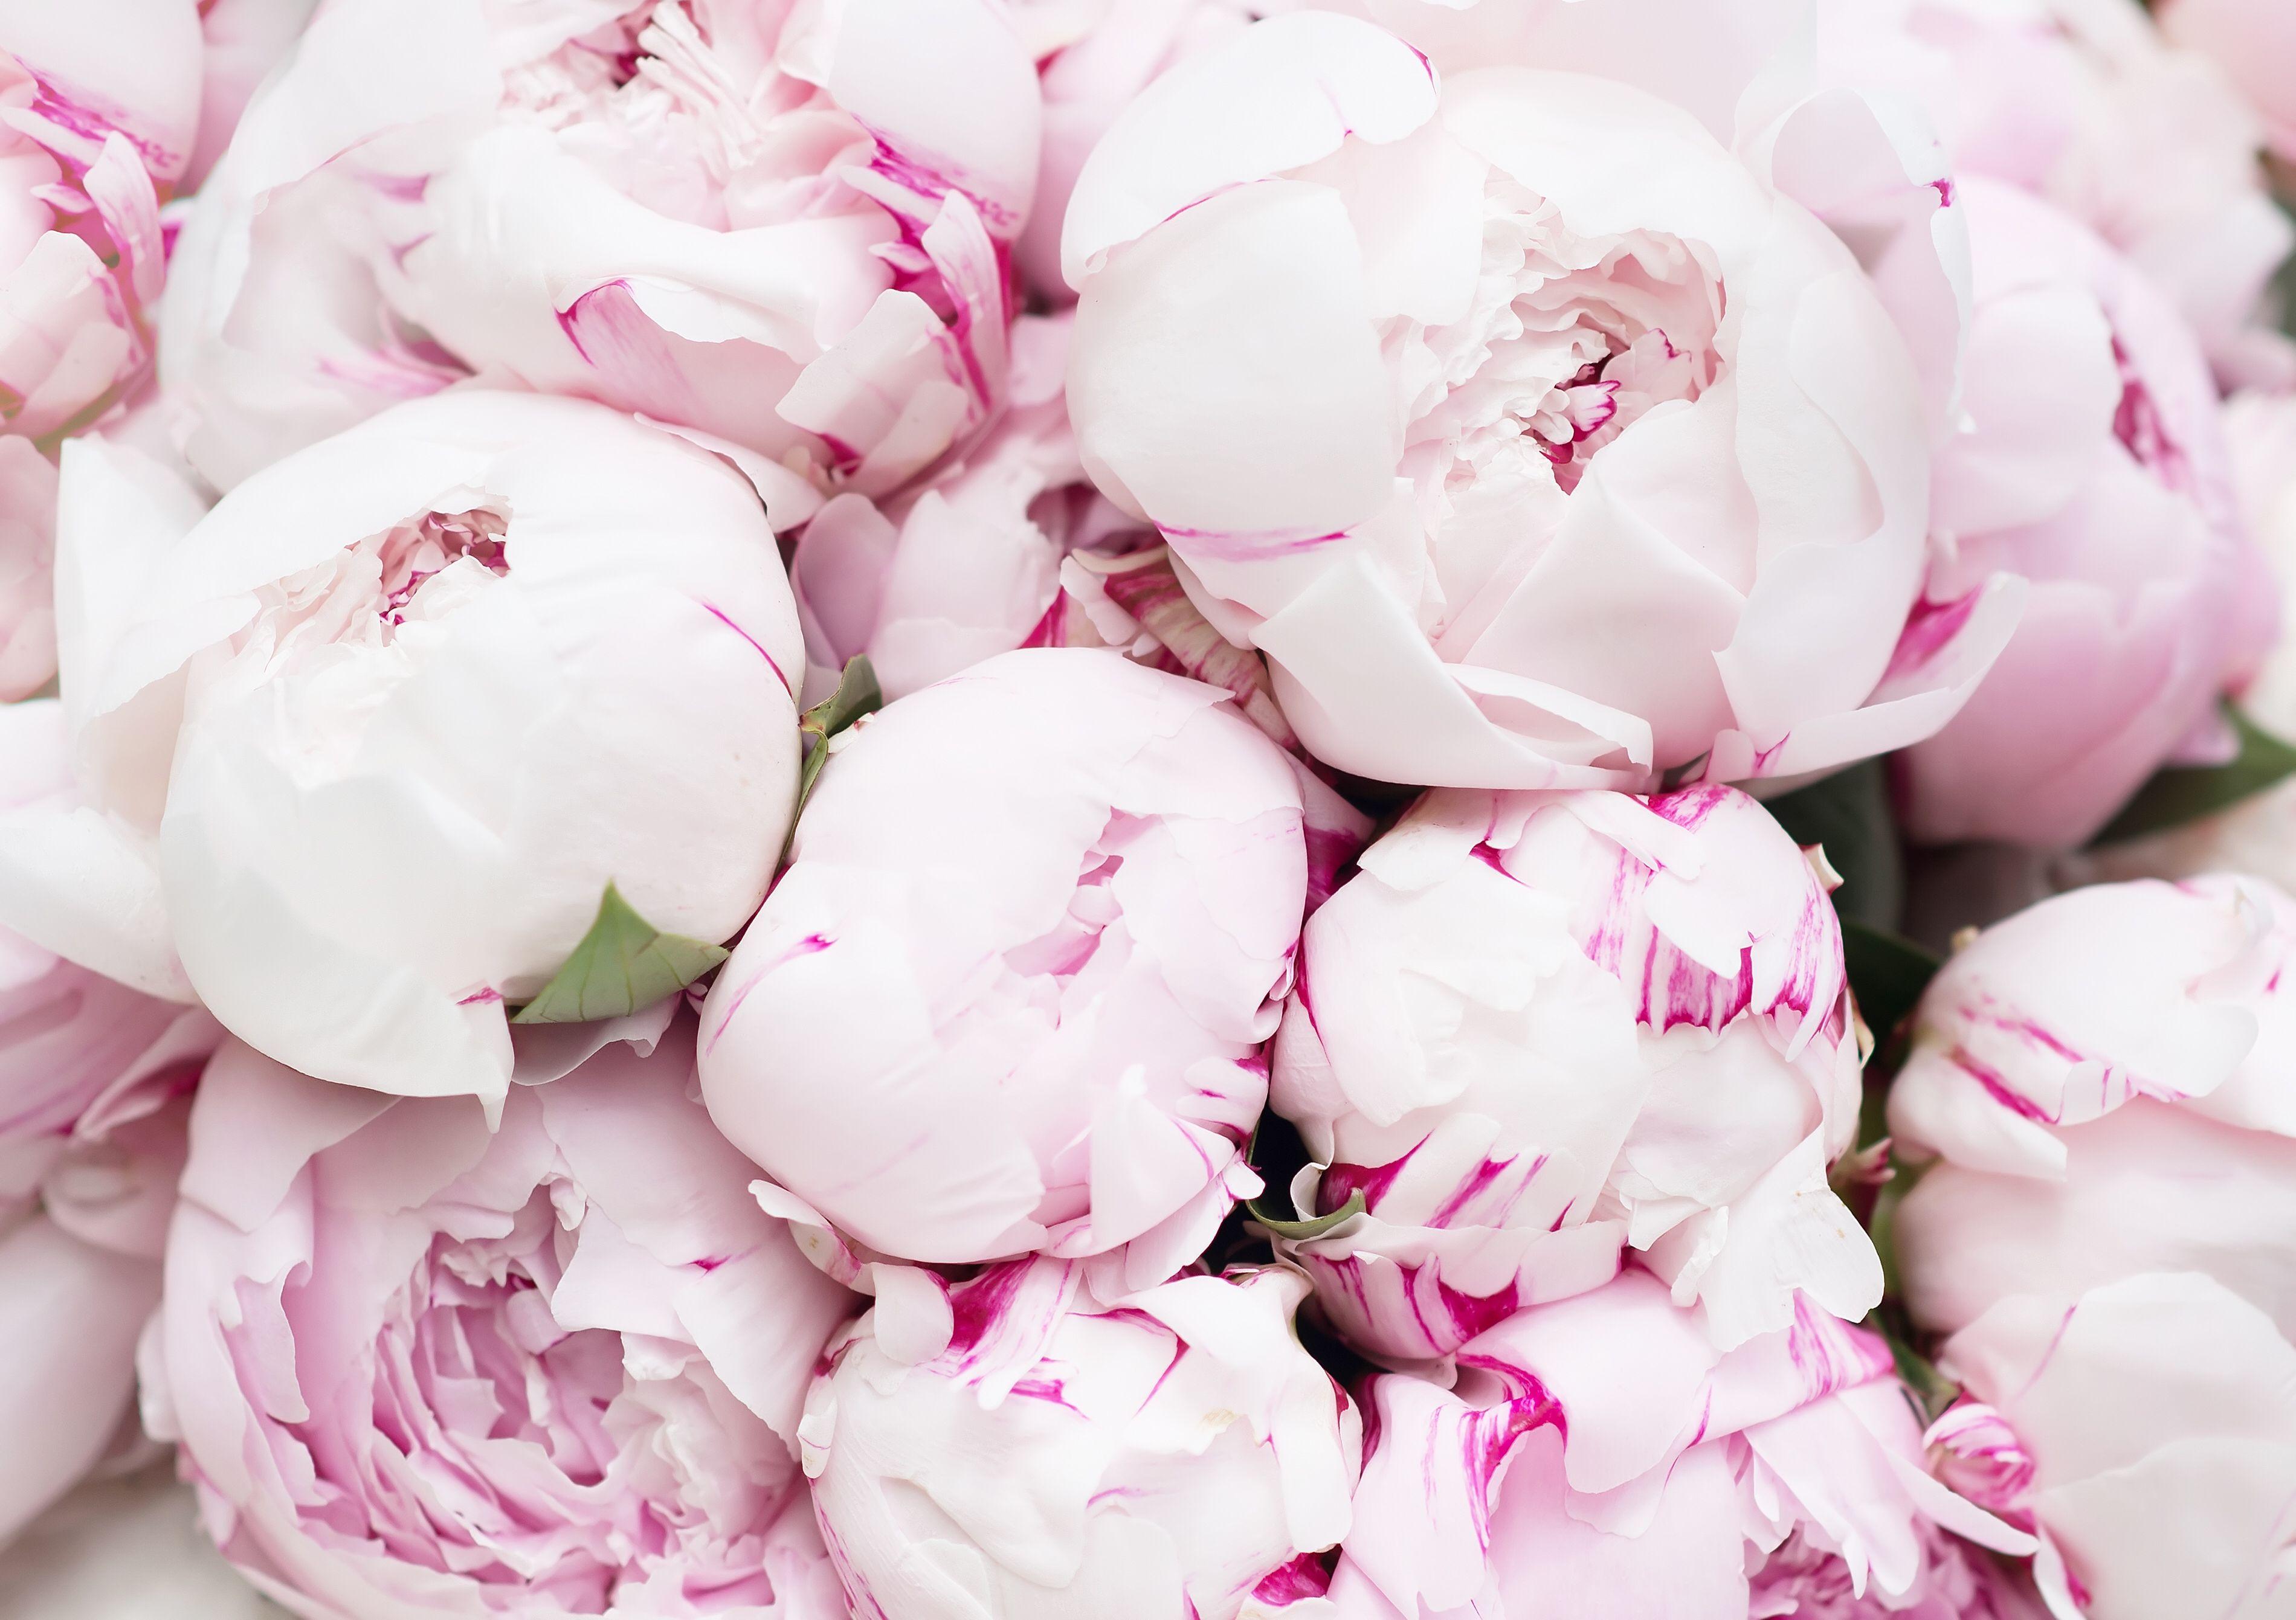 Photos of Peonies Pink peonies background, Peonies